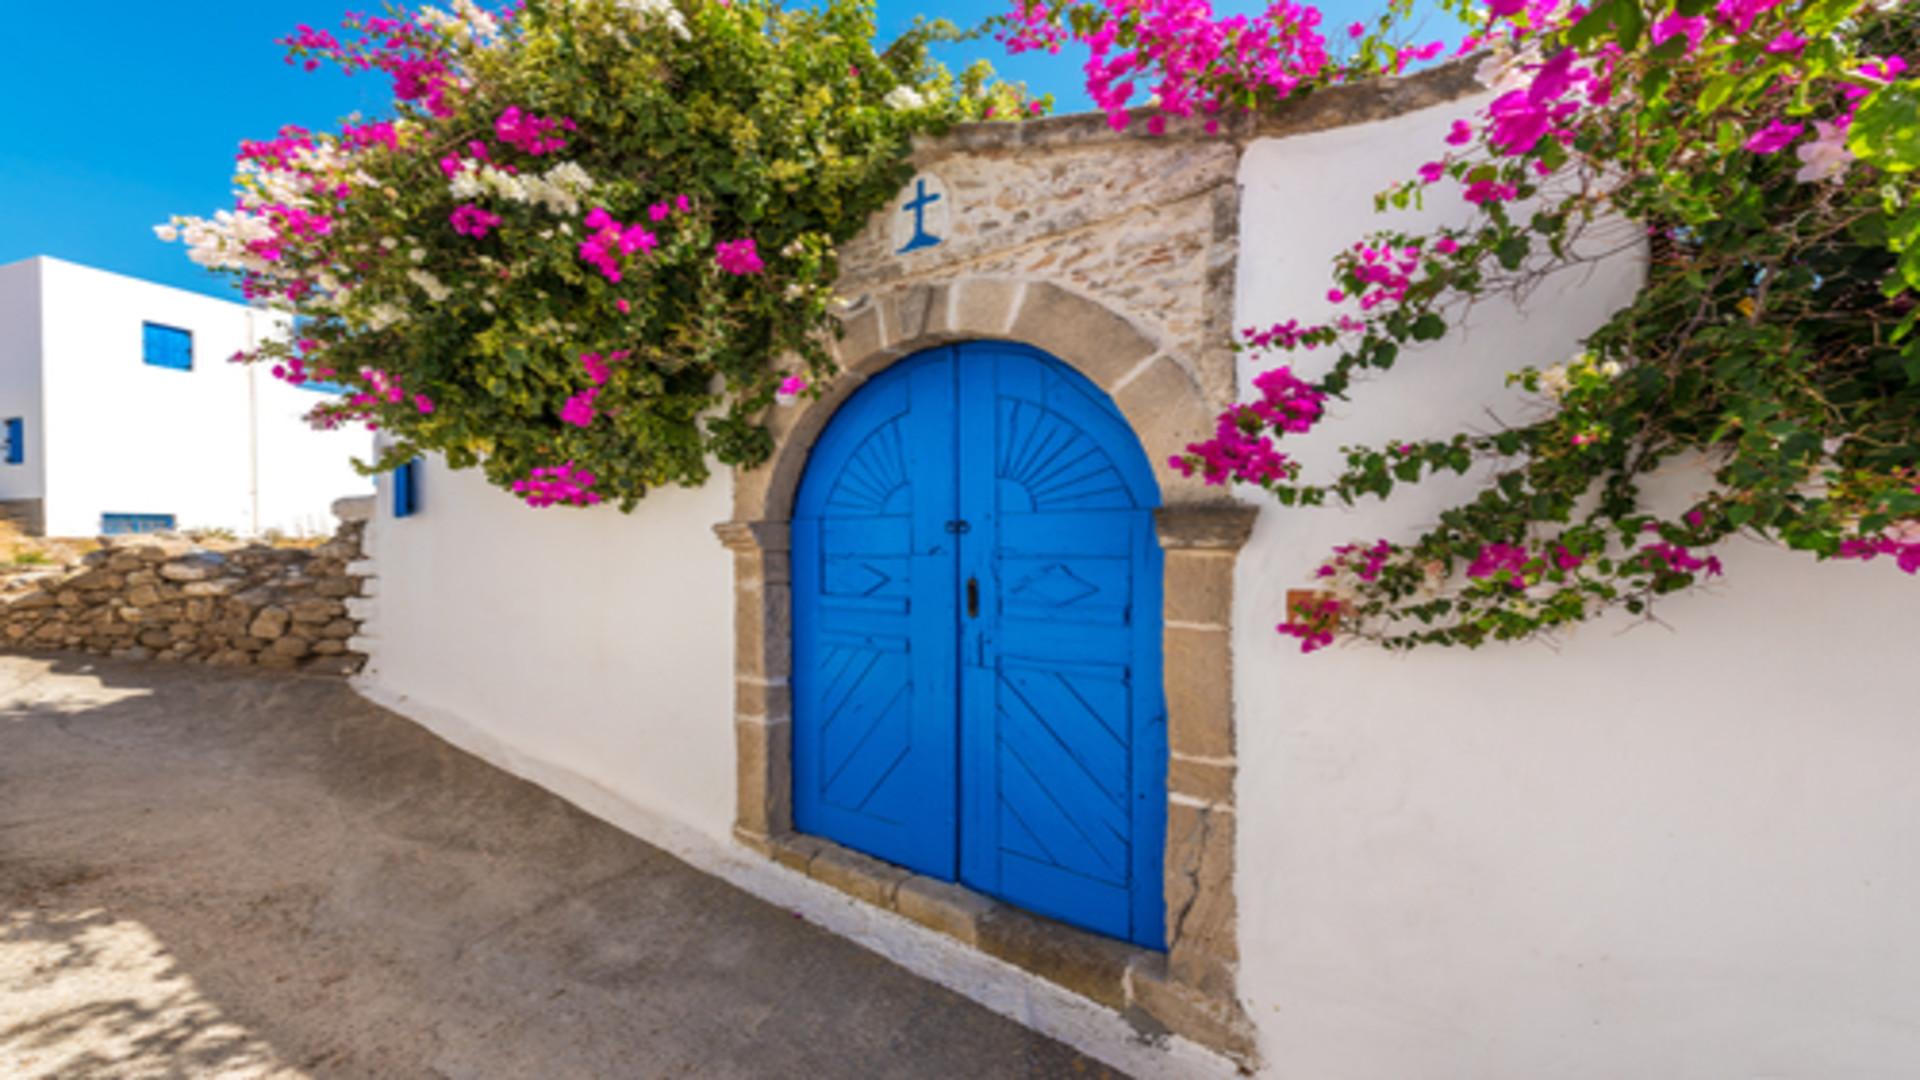 Traditionele voordeur in Lachania village Rhodos, Griekenland